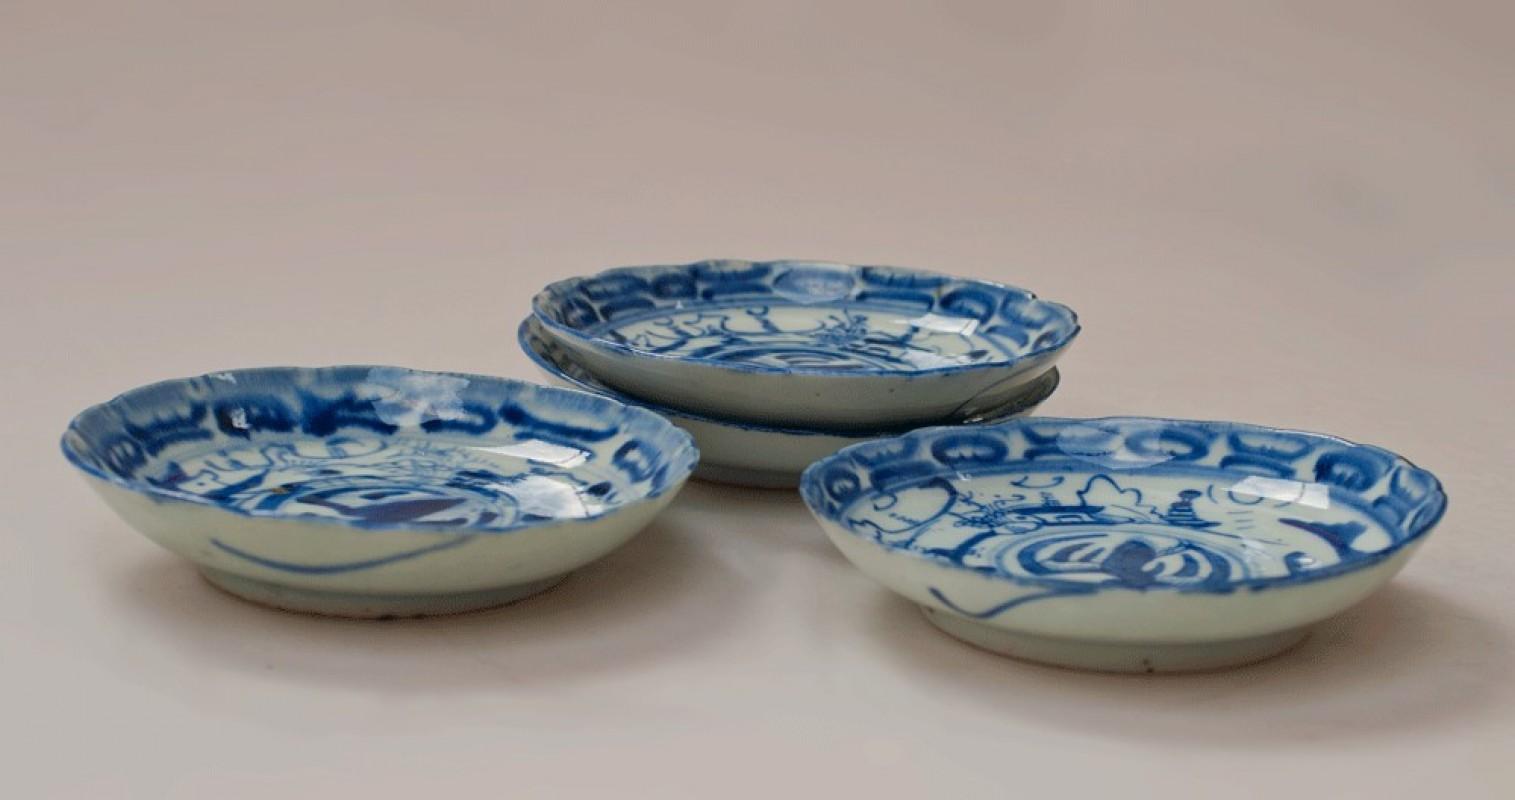 assiette ancienne chinoise porcelaine blanche peint la main soucoupe chine. Black Bedroom Furniture Sets. Home Design Ideas